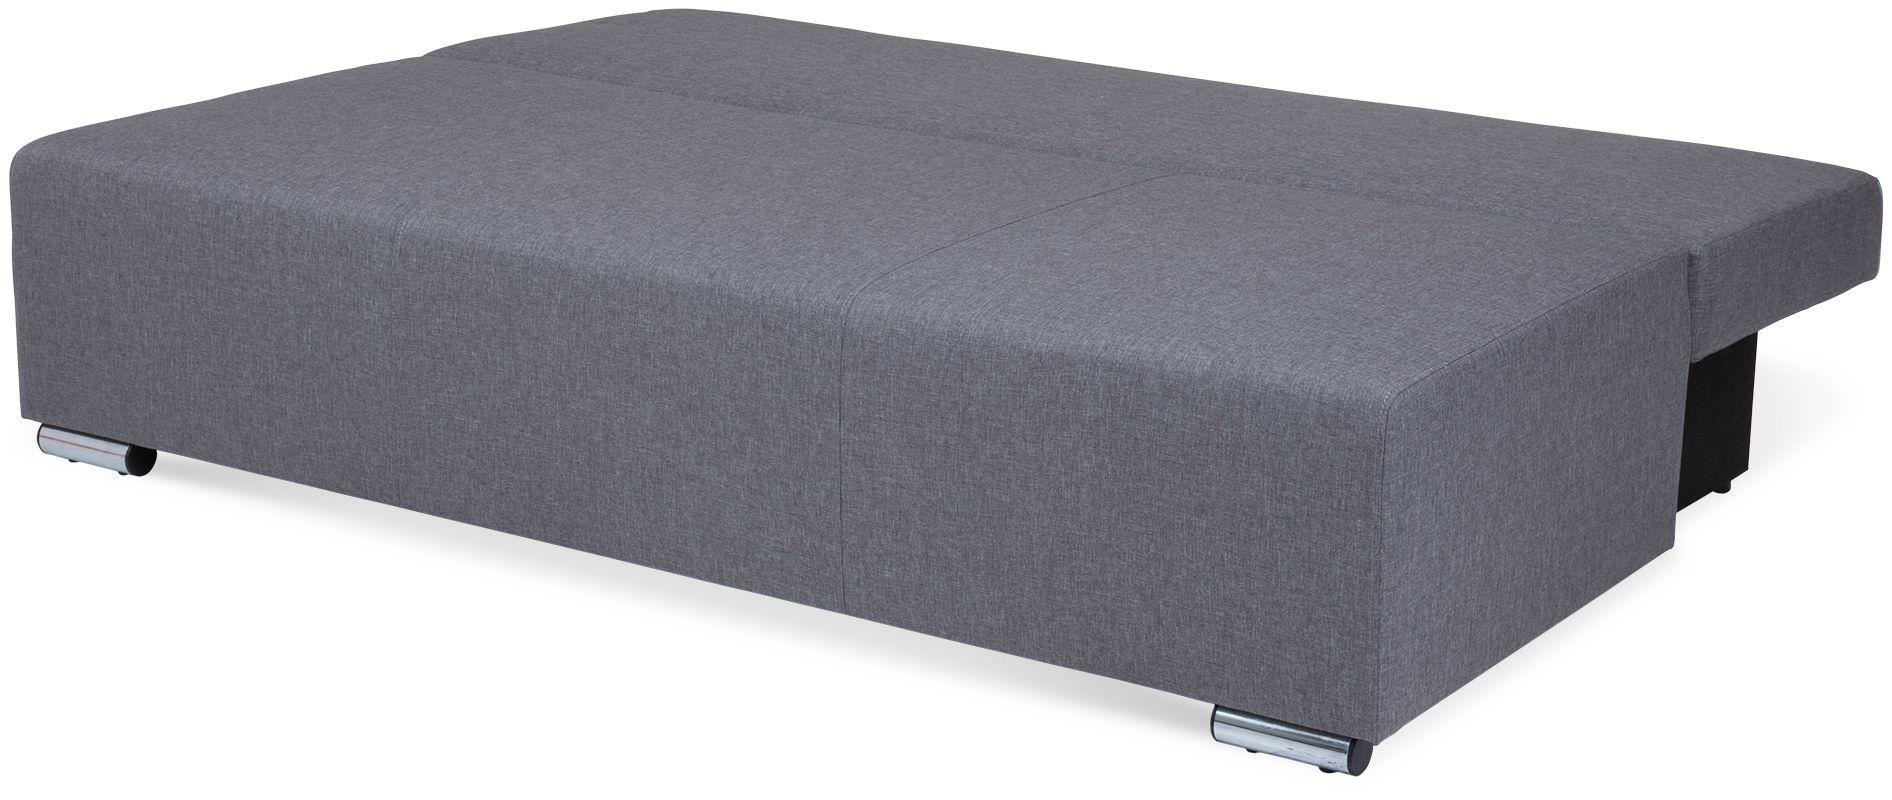 sofa otis 1 11 1